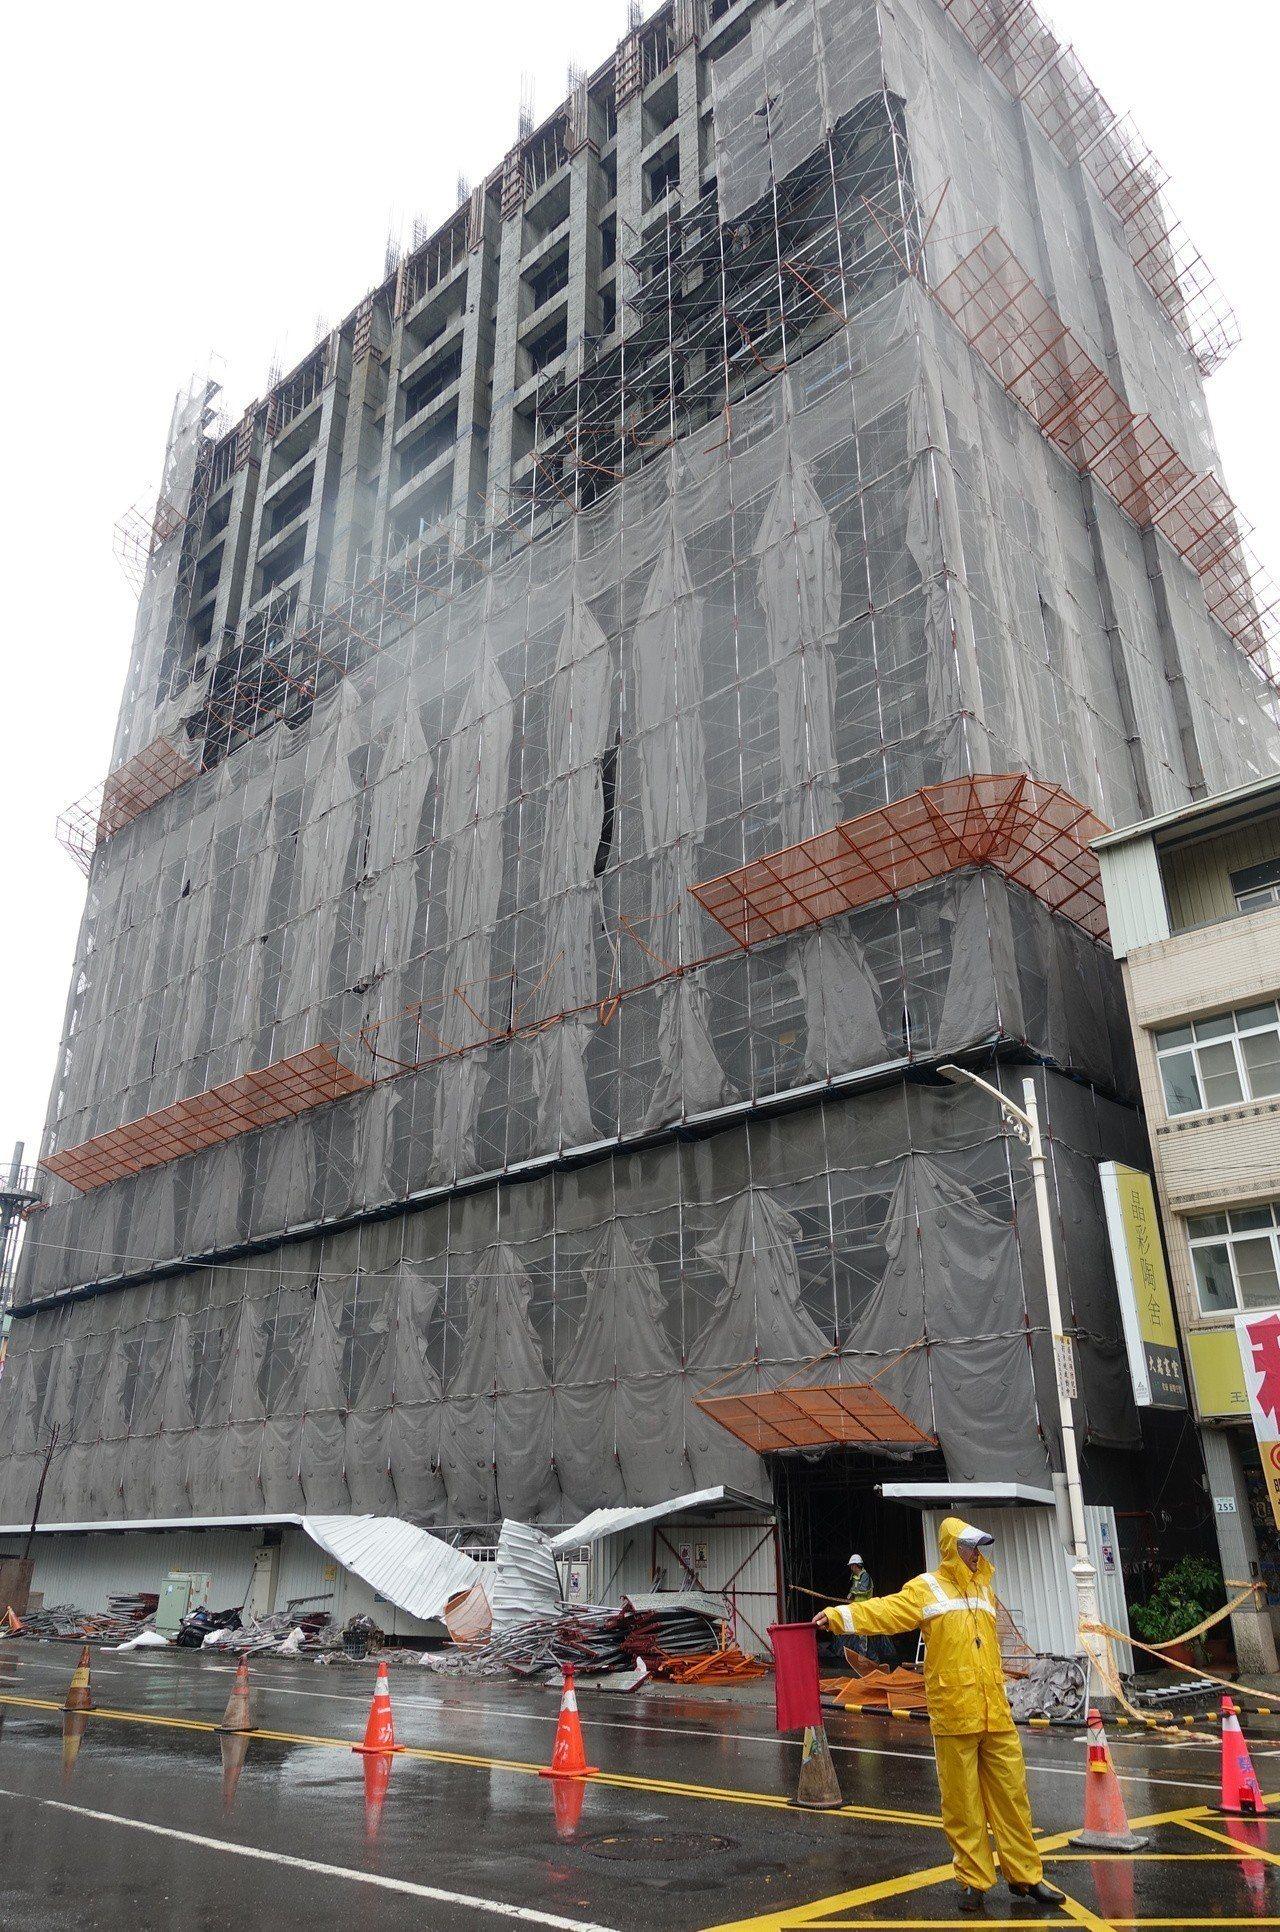 鷹架倒塌工地現場。記者劉星君/攝影